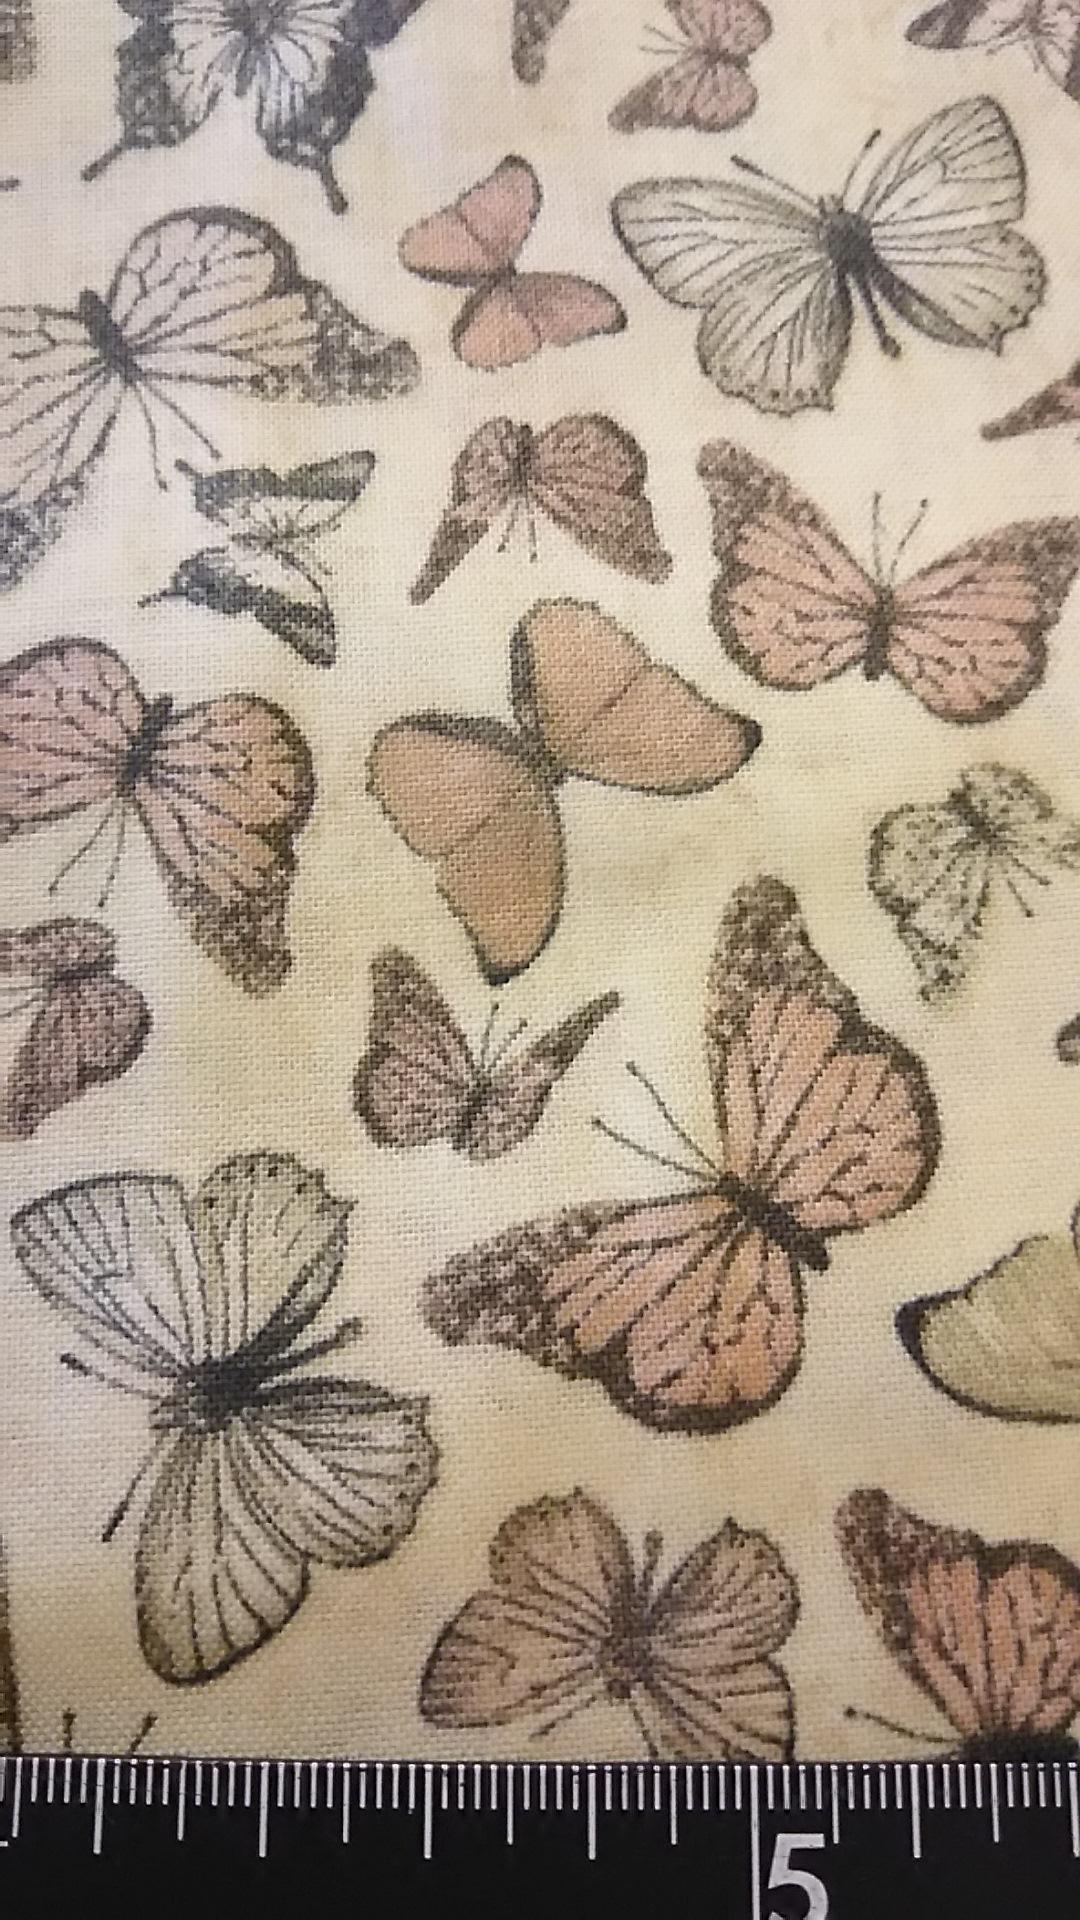 アンティーク風チョウ柄の布地